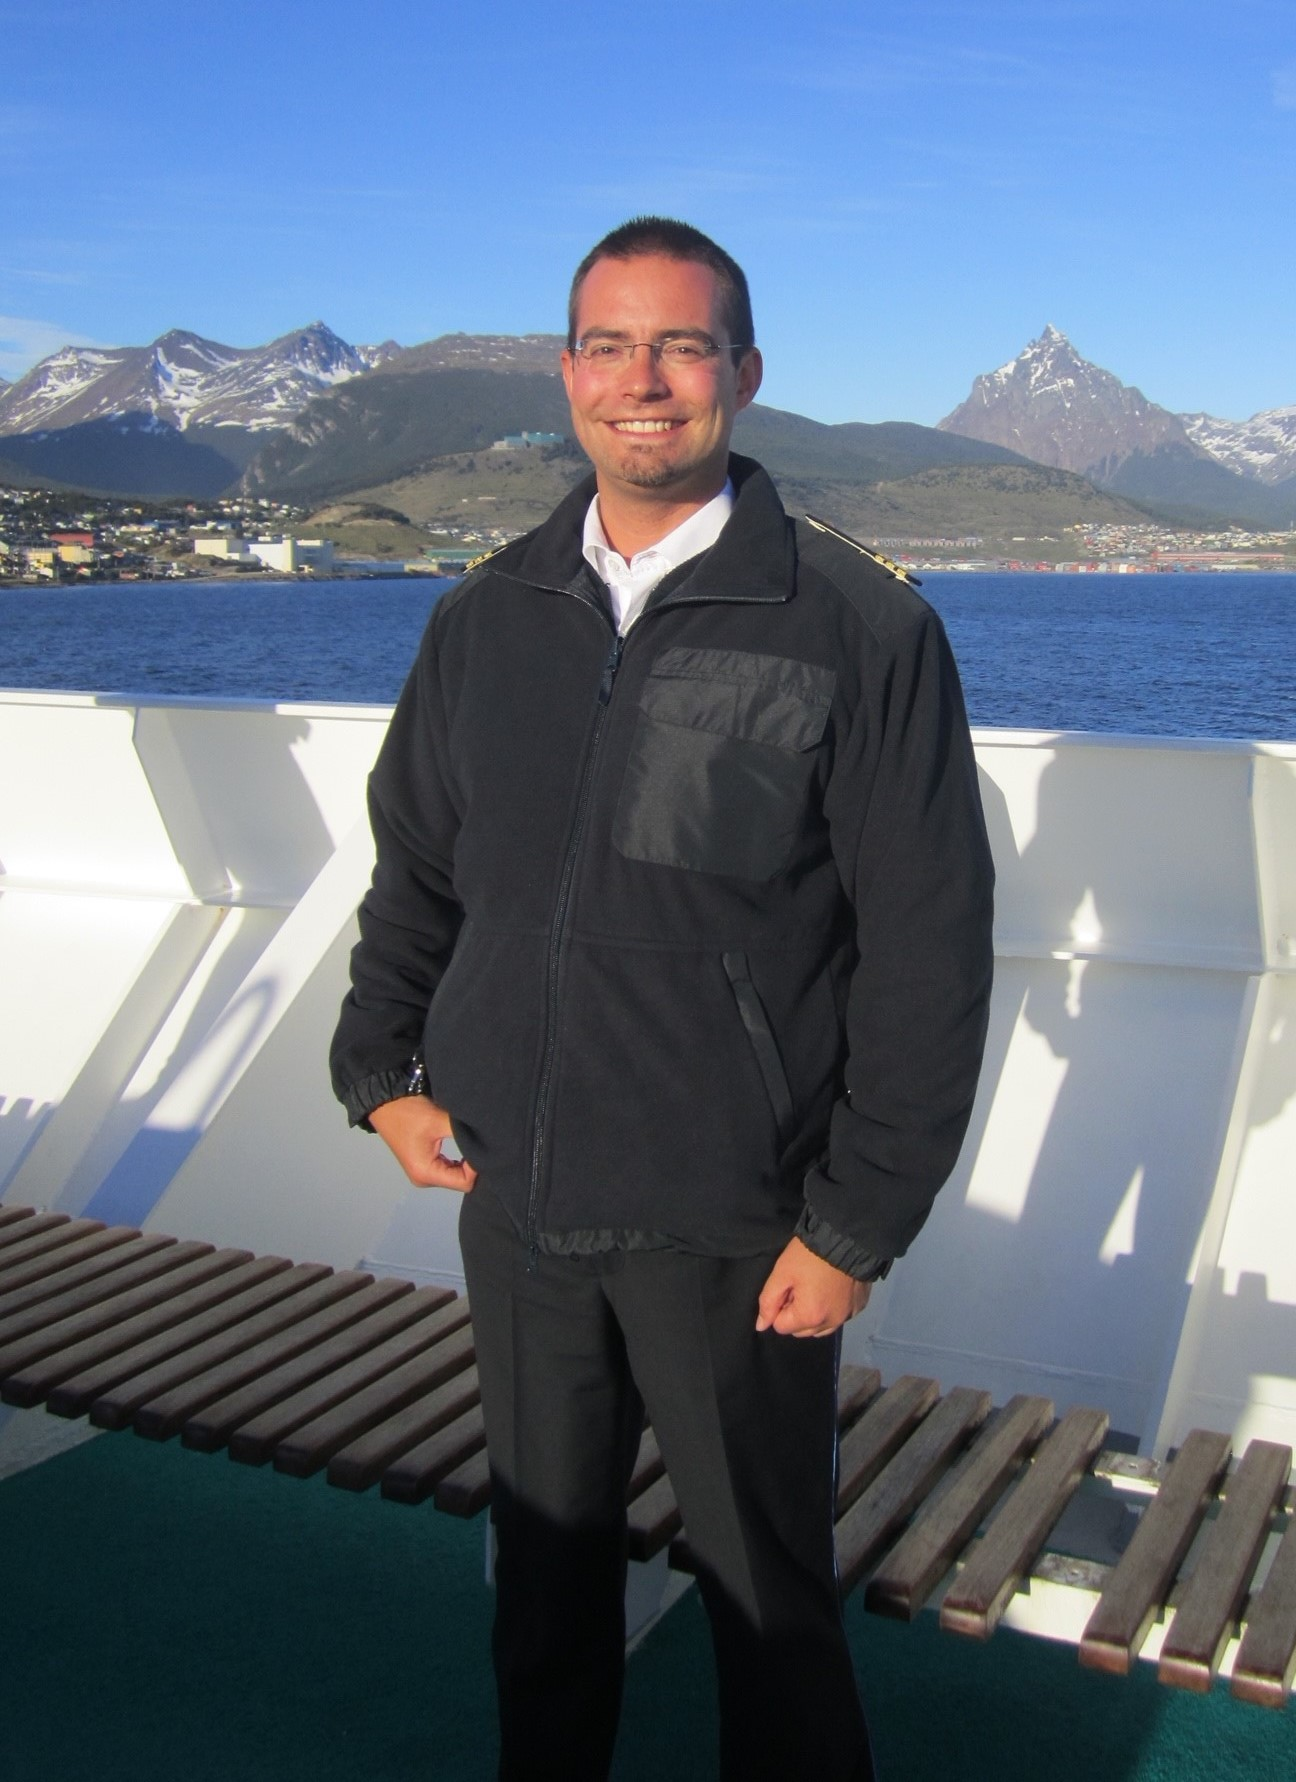 Schiffsarzt Dr. med. Eike Beyer